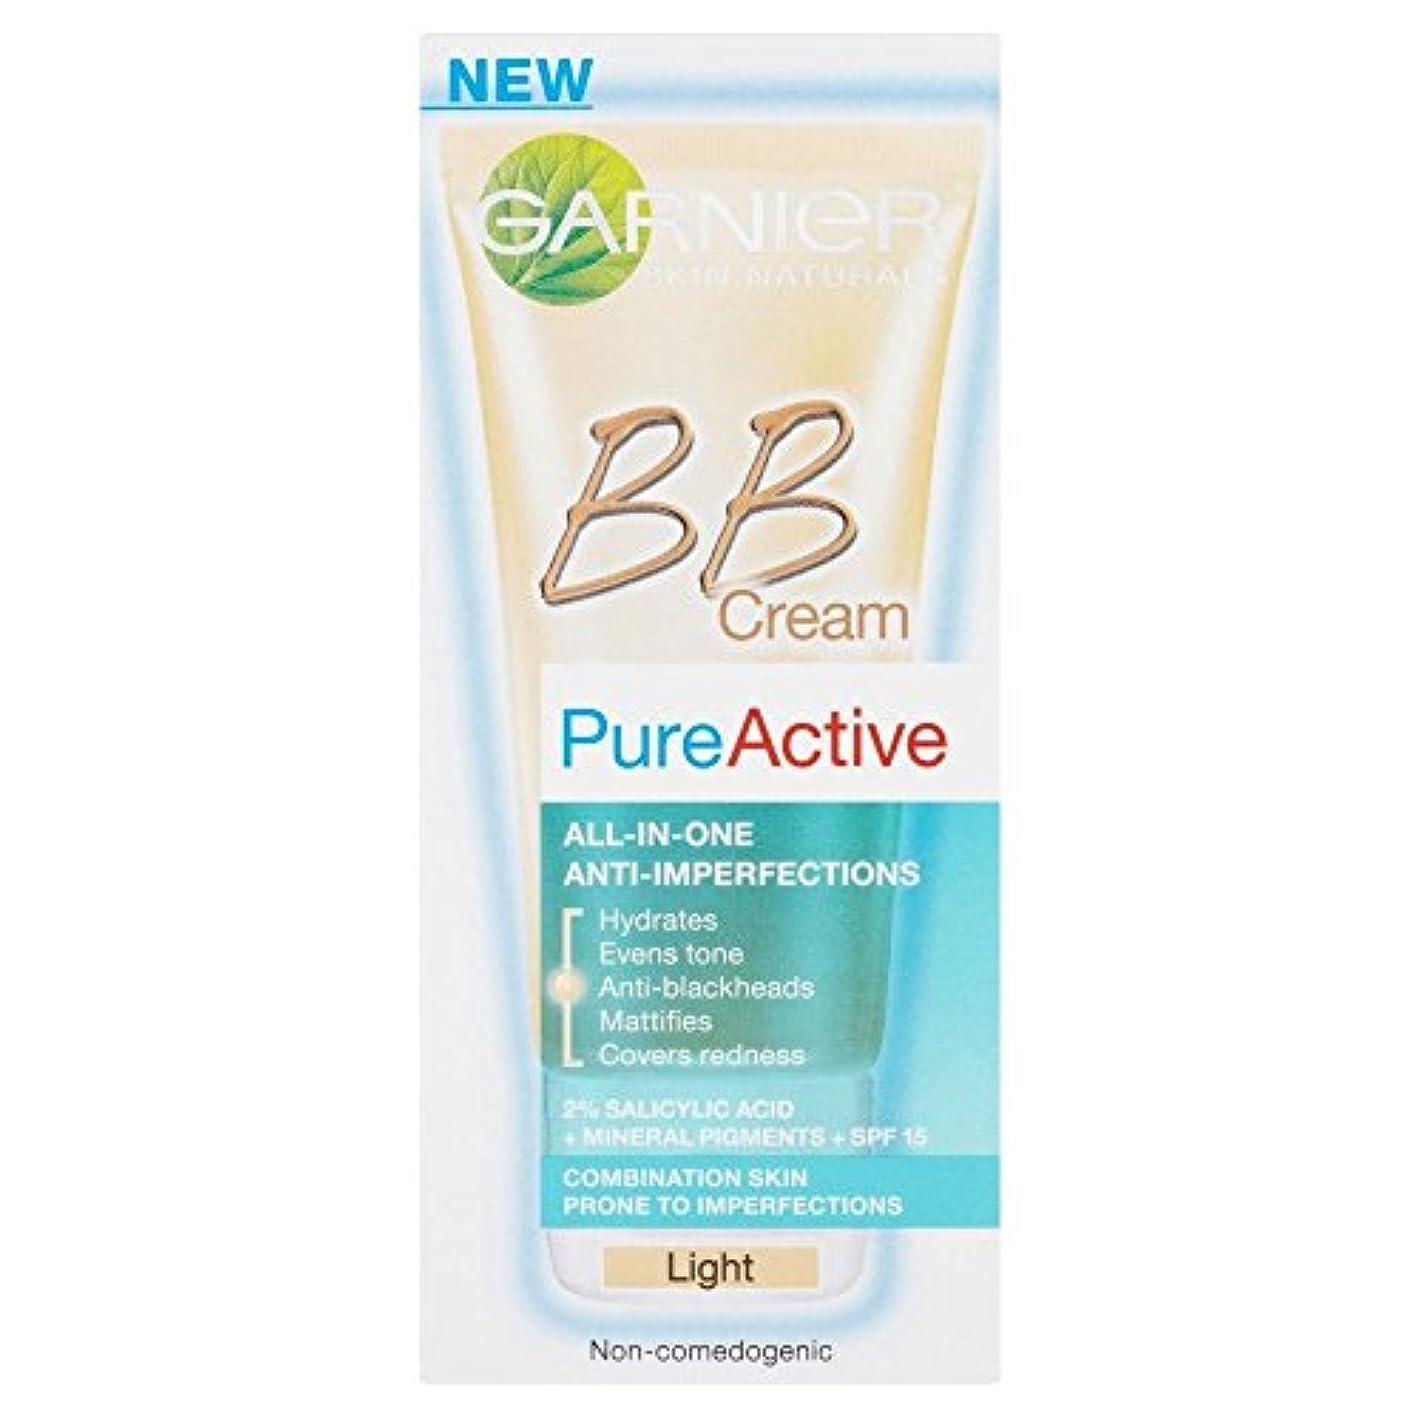 病的キロメートル焦げGarnier Pure Active BB Cream - Light (50ml) ガルニエ純粋な活性bbクリーム - 光( 50ミリリットル) [並行輸入品]